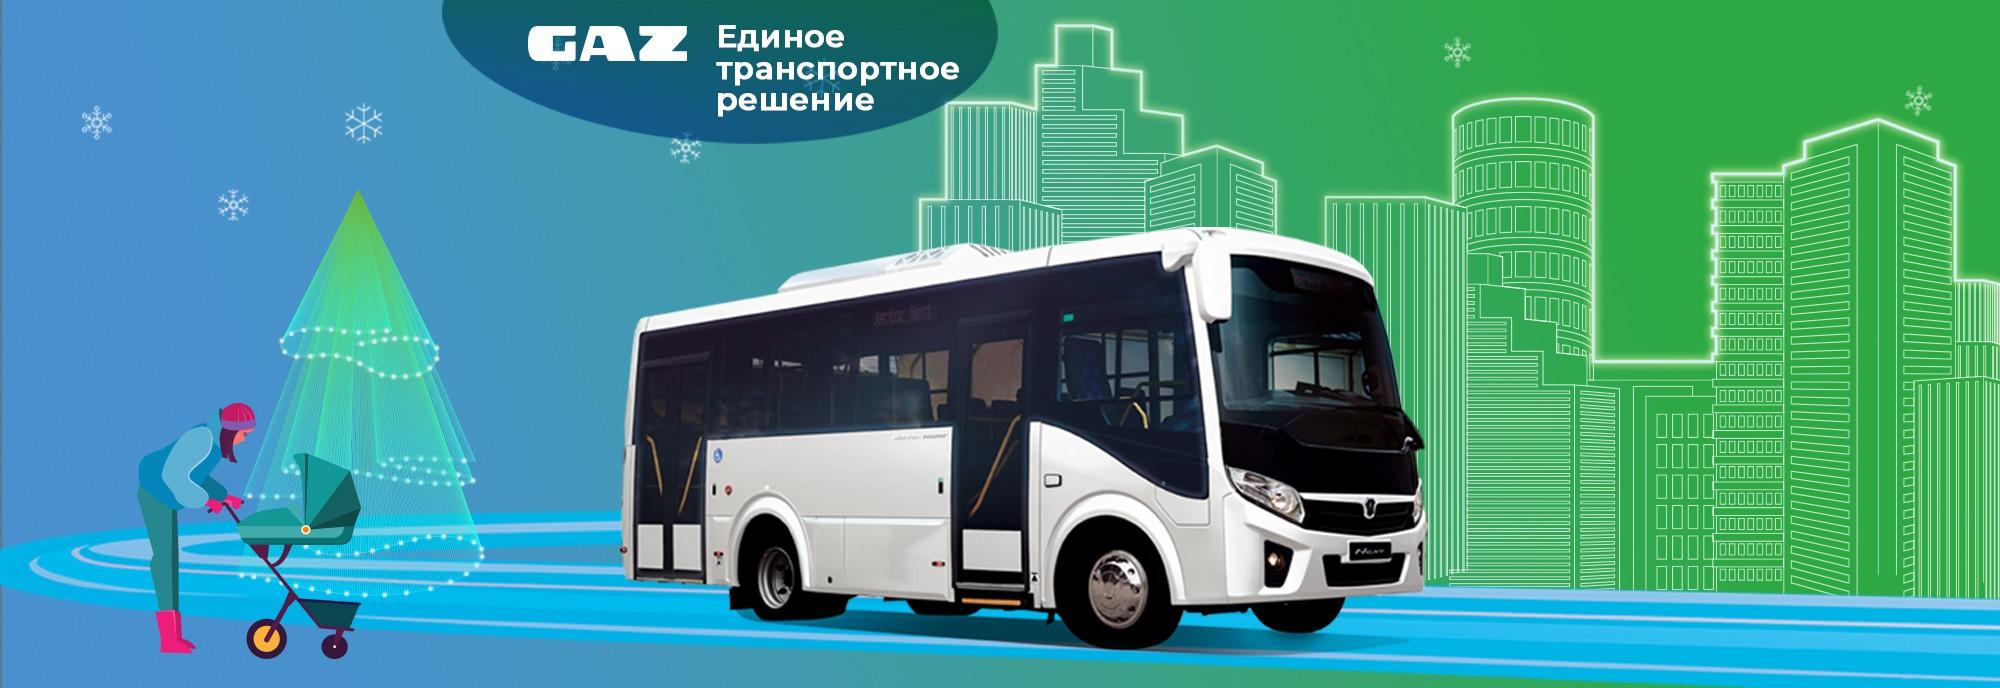 Спецпредложение ВЫГОДА до 418 700 ₽ при покупке Автобуса Вектор NEXT. Десктопное изображение.